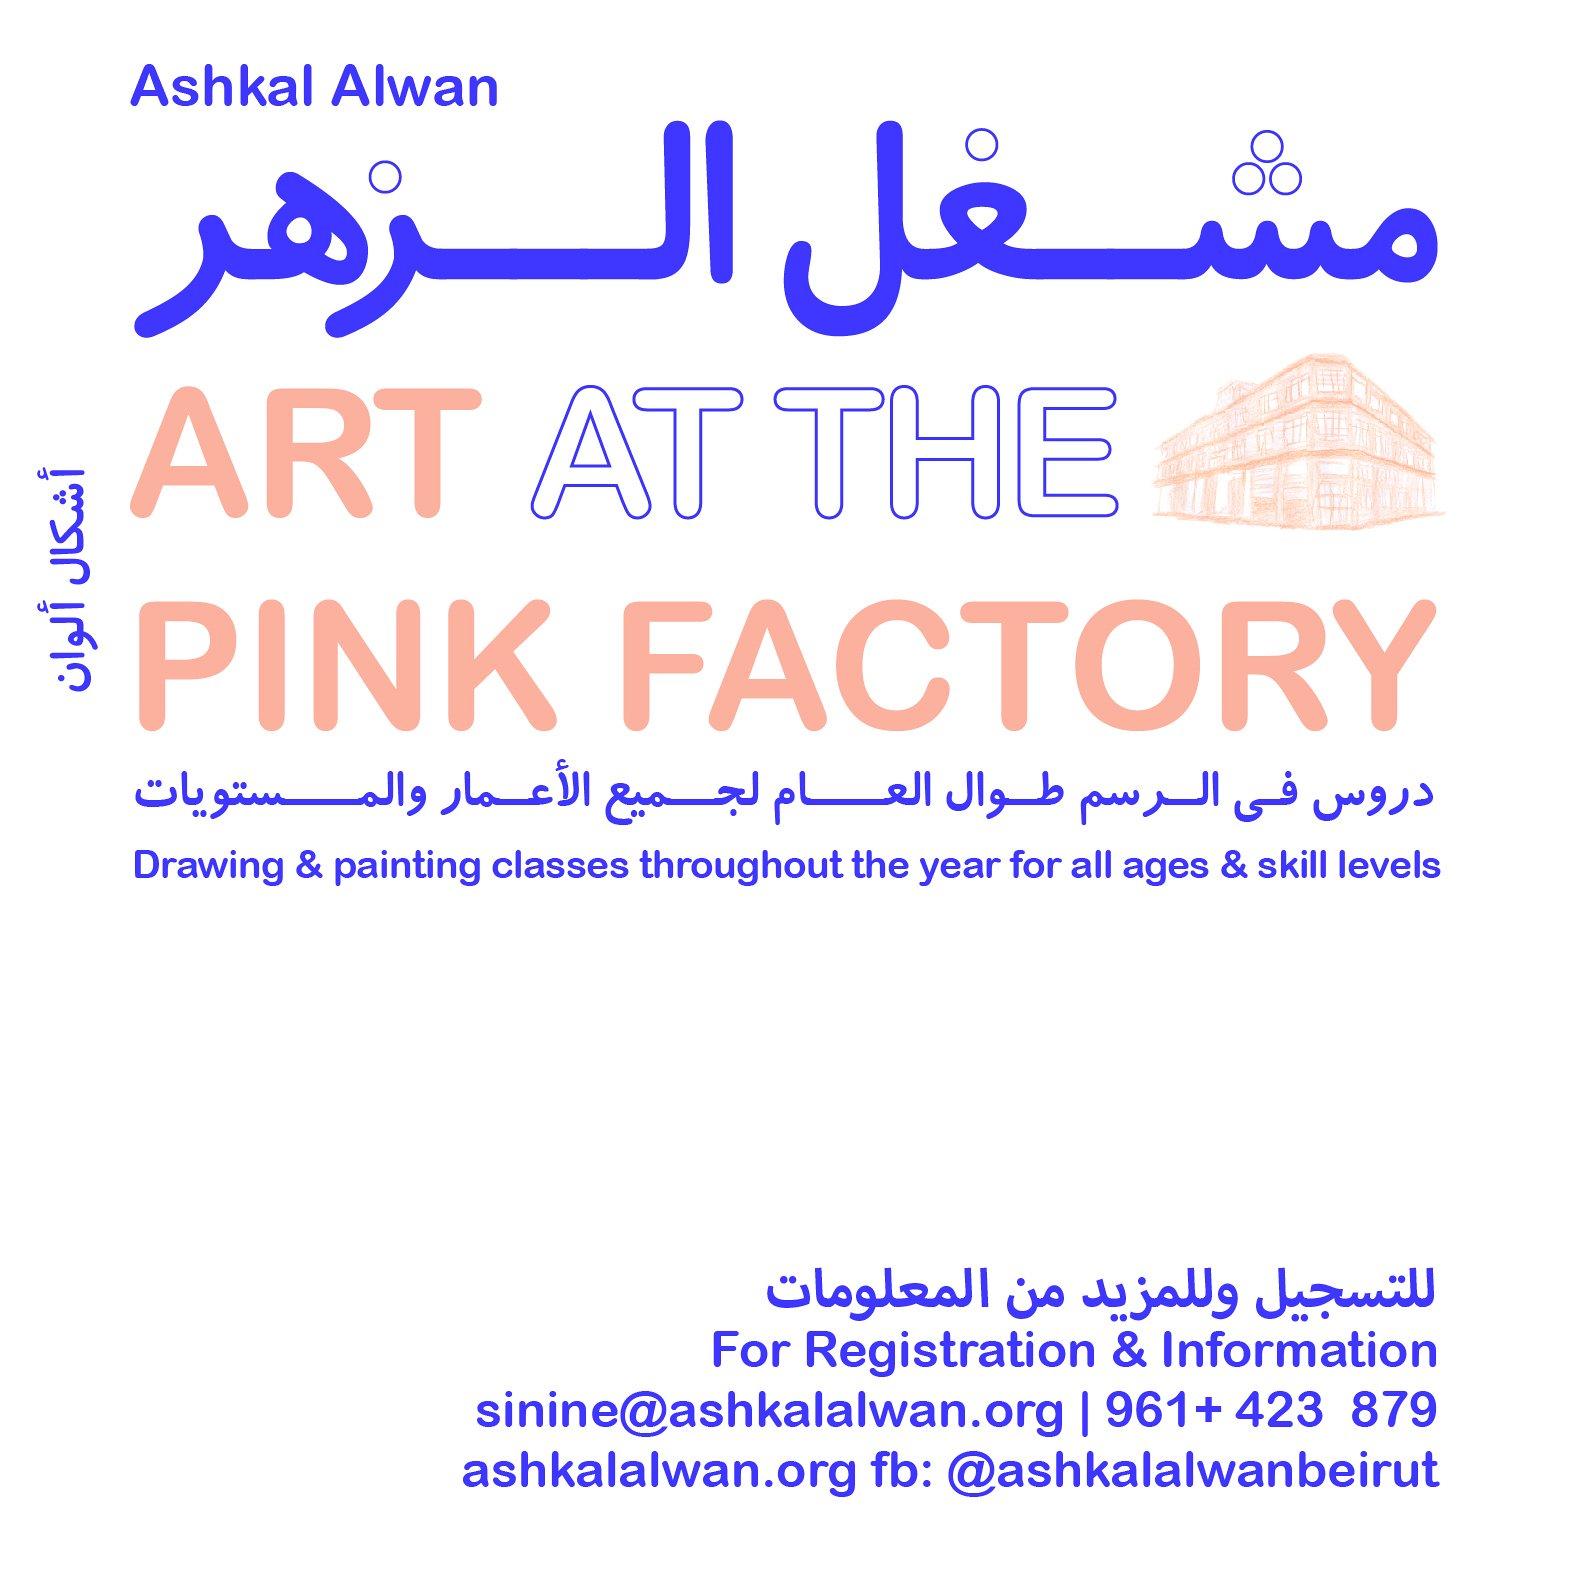 Art at the Pink Factory | Ashkal Alwan « Lebtivity